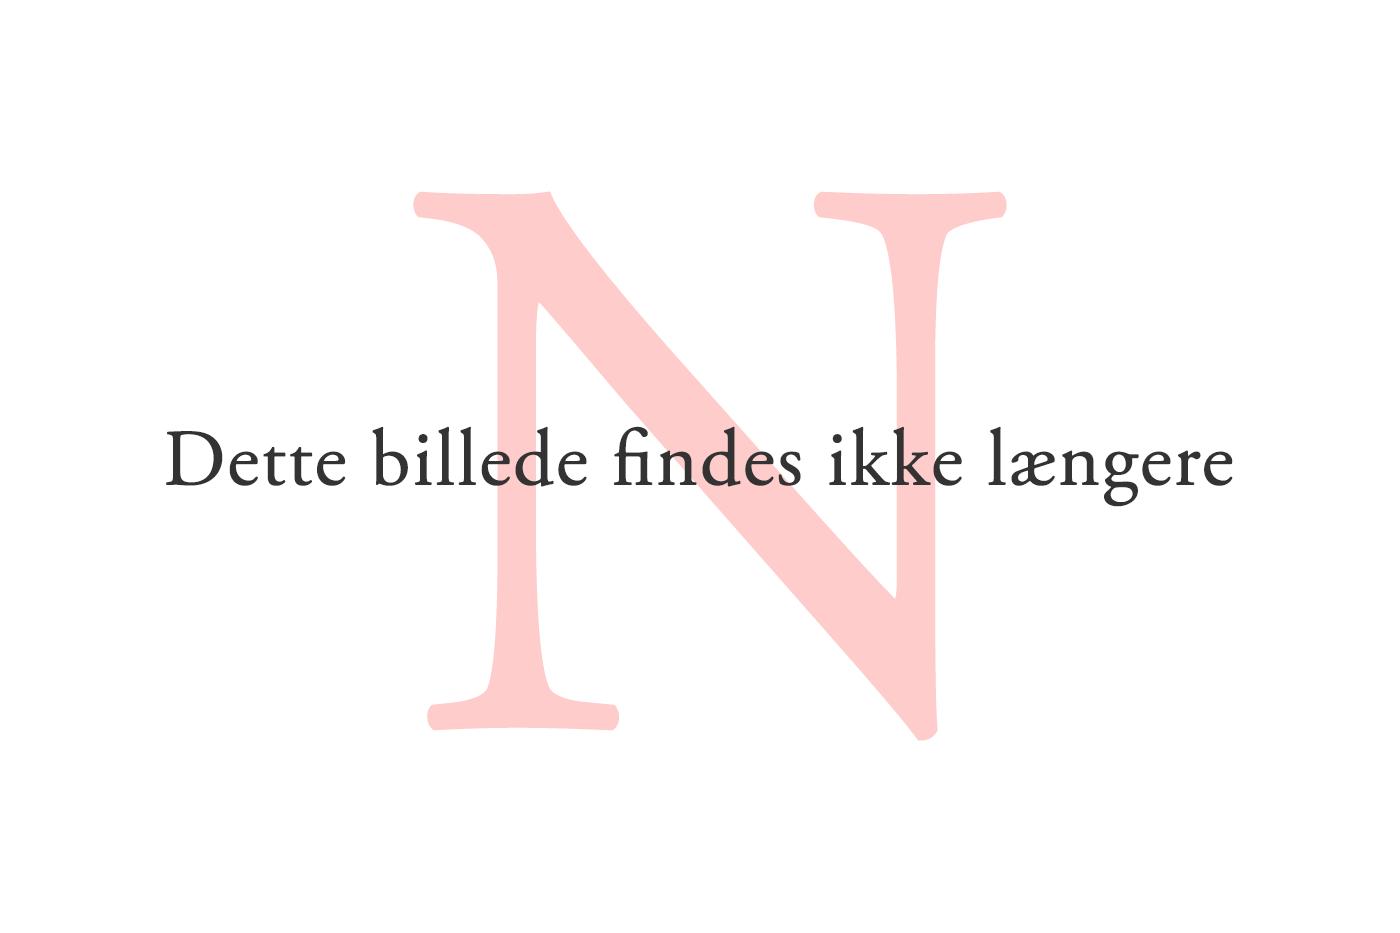 Over 800.000 danskere døjer med rygproblemer, viser en ny rapport fra Sundhedsstyrelsen. Foto: Stine Oksbjerg.